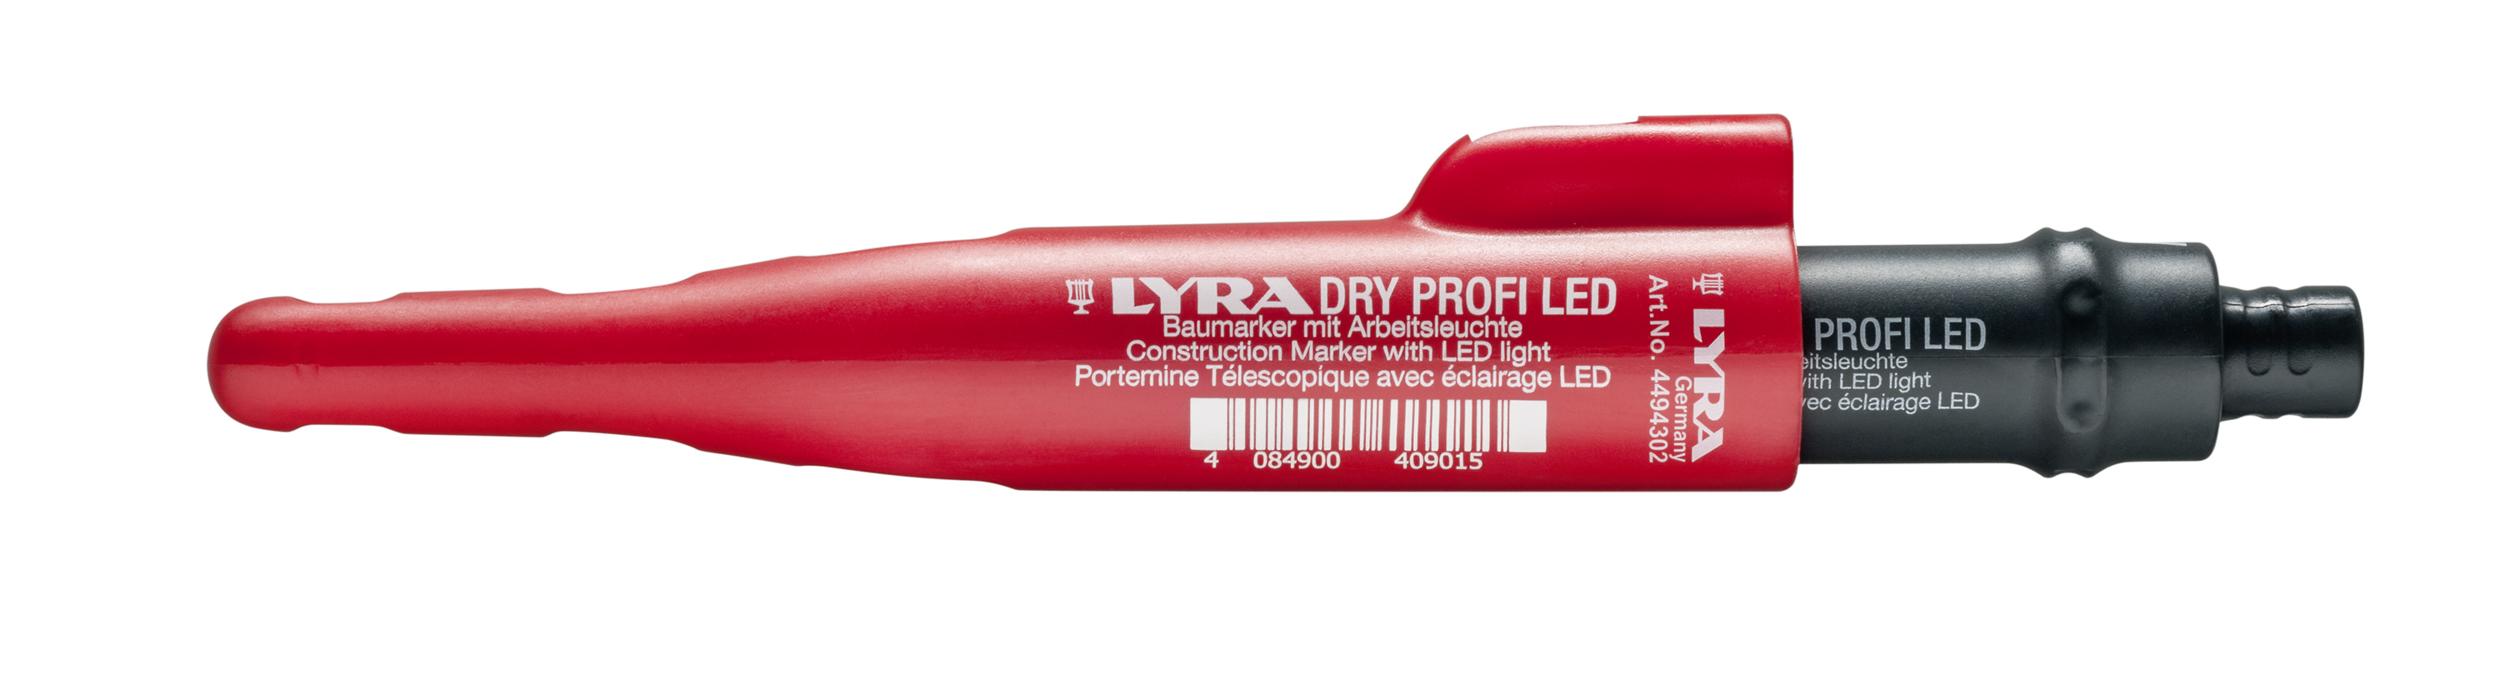 Portemine à pointe Télescopique LYRA DRY PROFI LED | Avec LED intégré | Réf. : 4494302